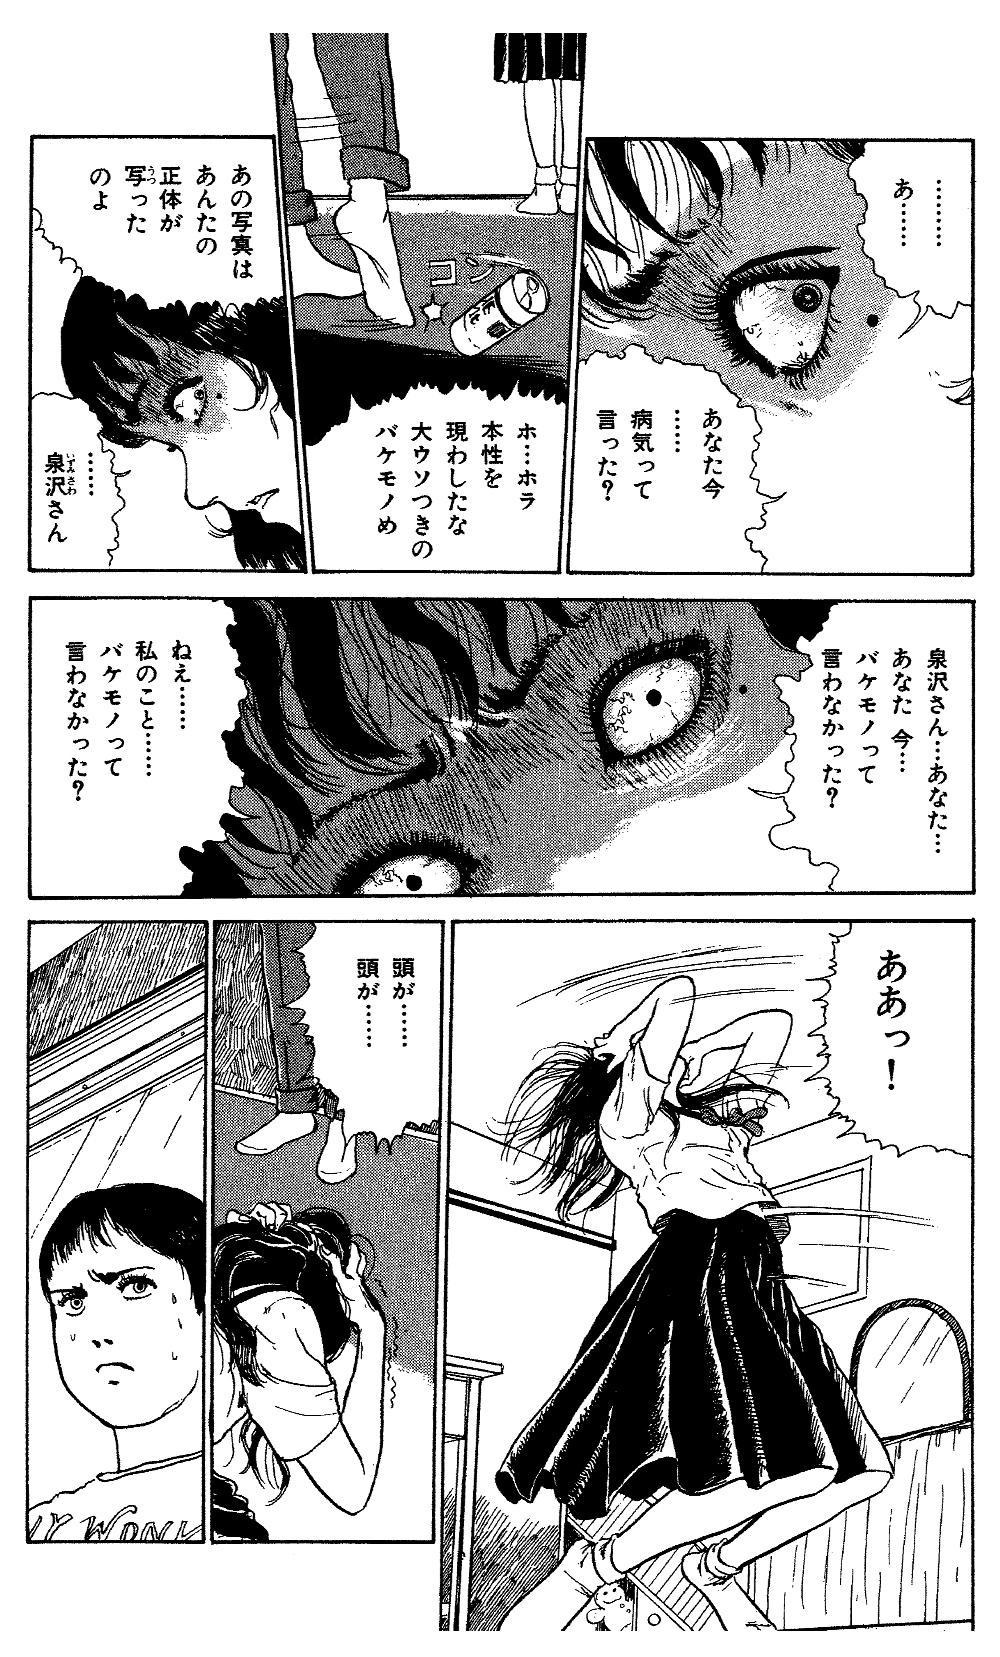 伊藤潤二傑作集 第4話「富江 写真」④jjunji13-08.jpg